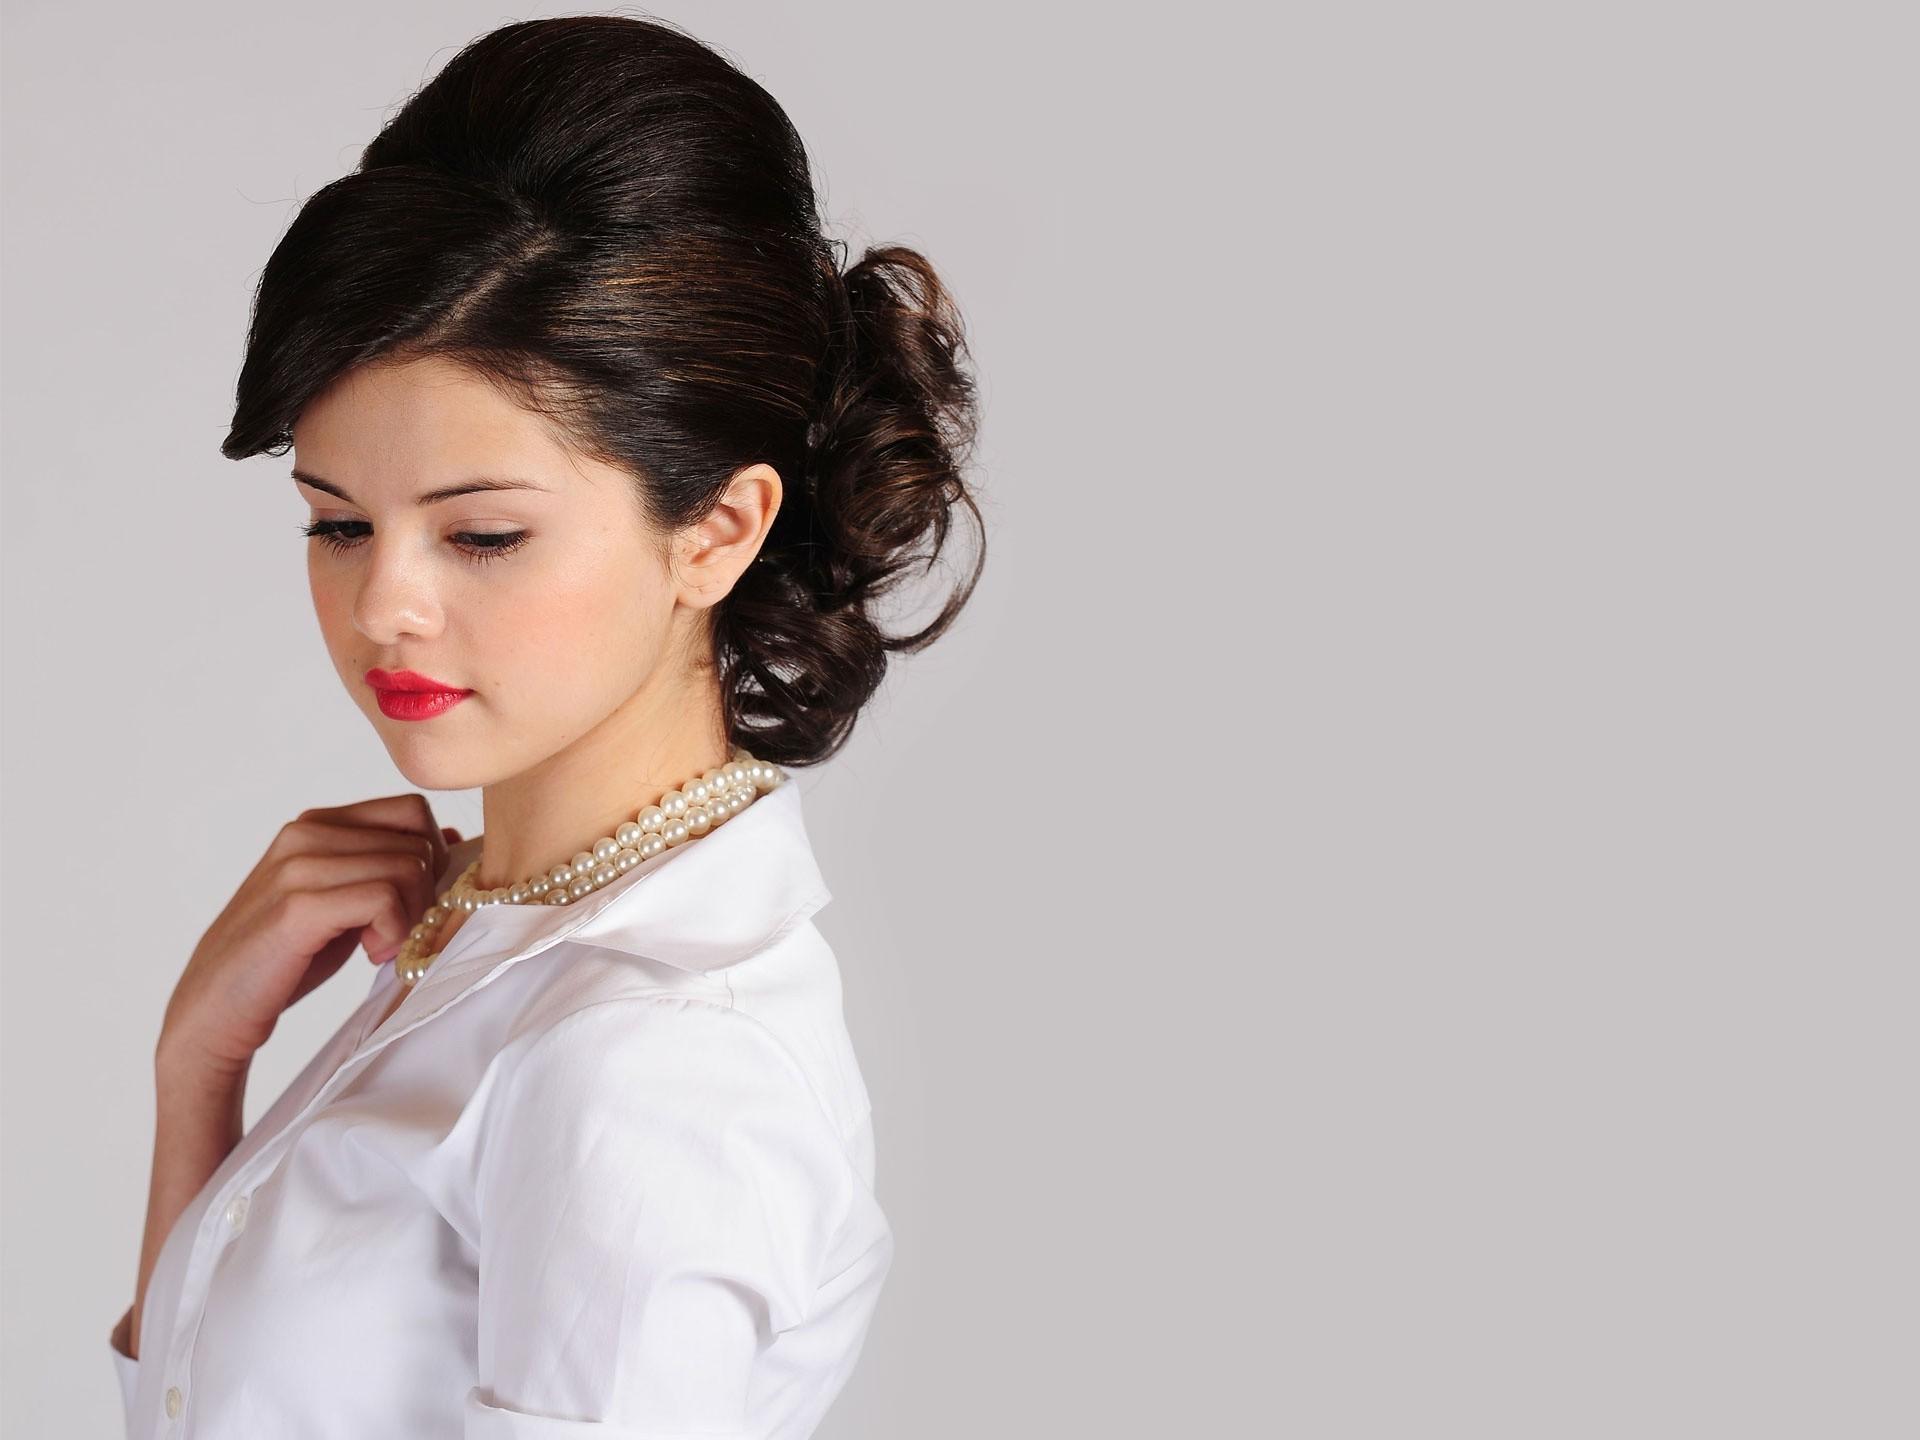 Wallpaper : women, model, long hair, brunette, celebrity, singer ...